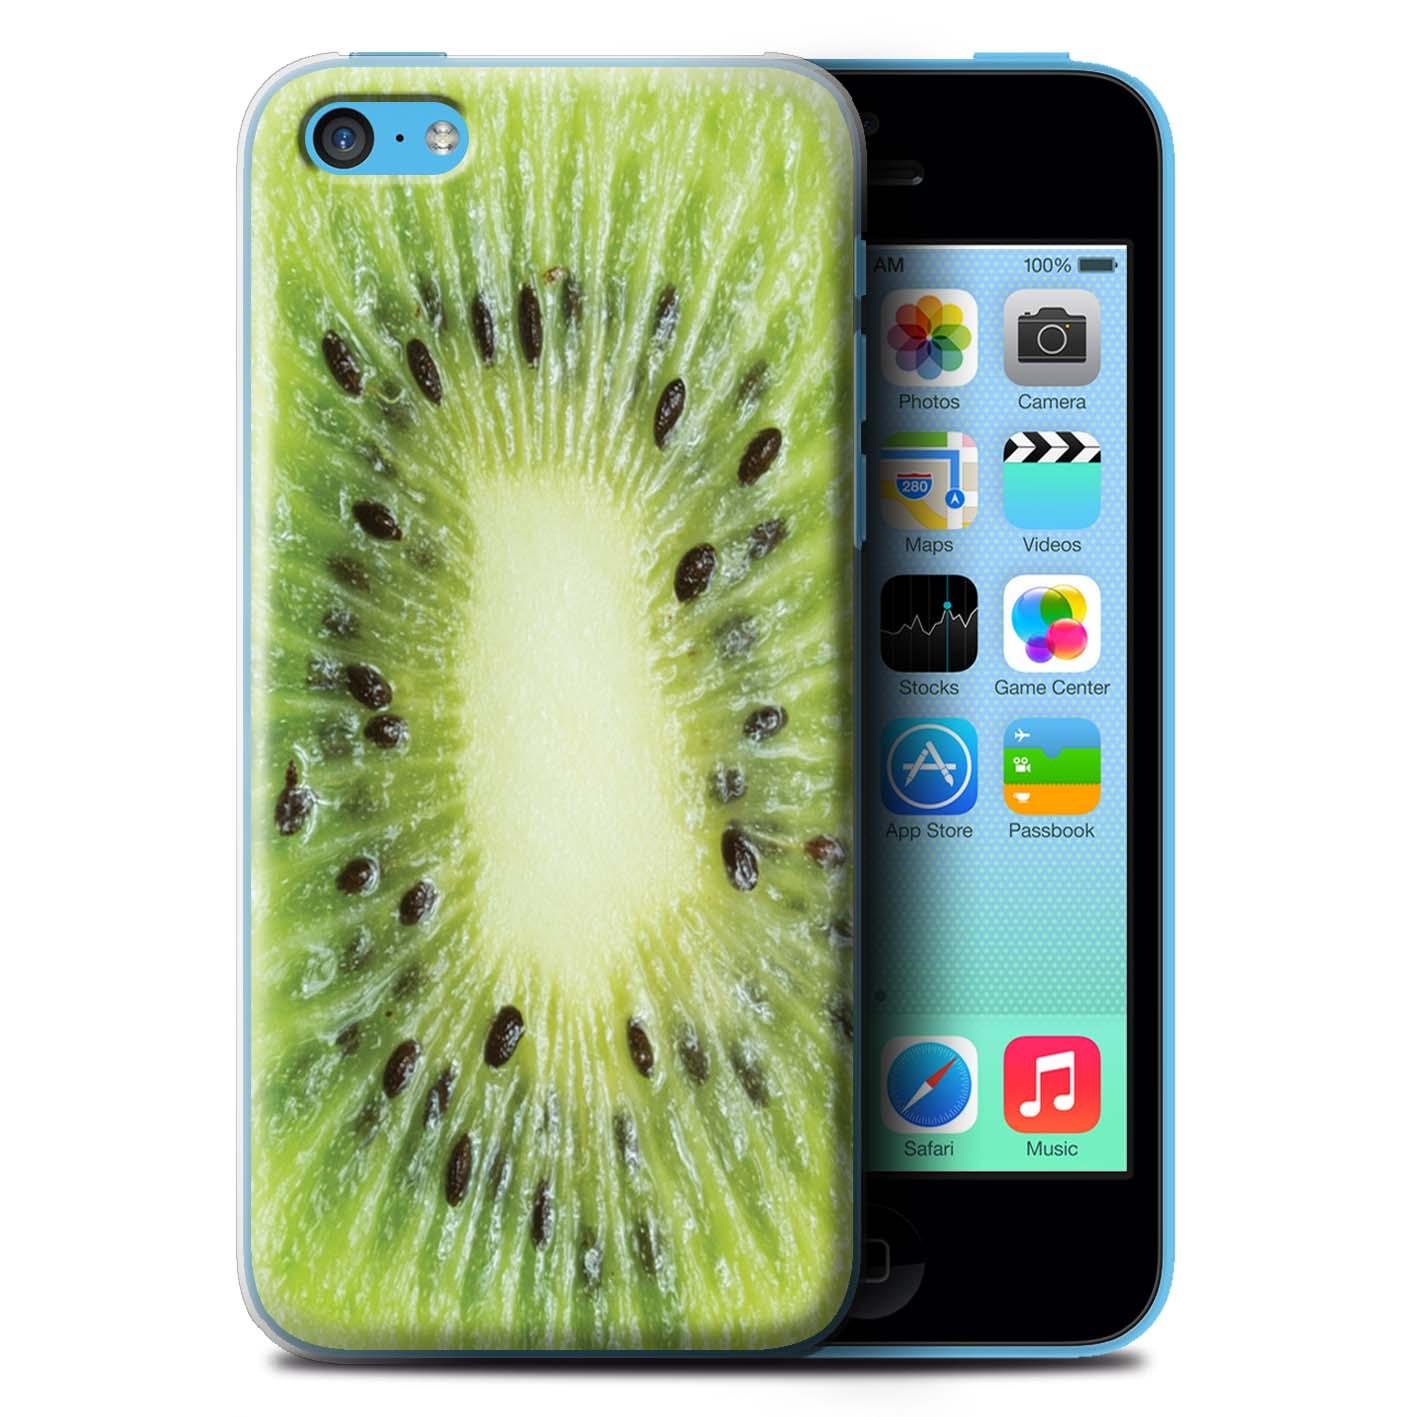 Coque/Etui/Housse de Stuff4 pour Apple iPhone 5C/Fruits